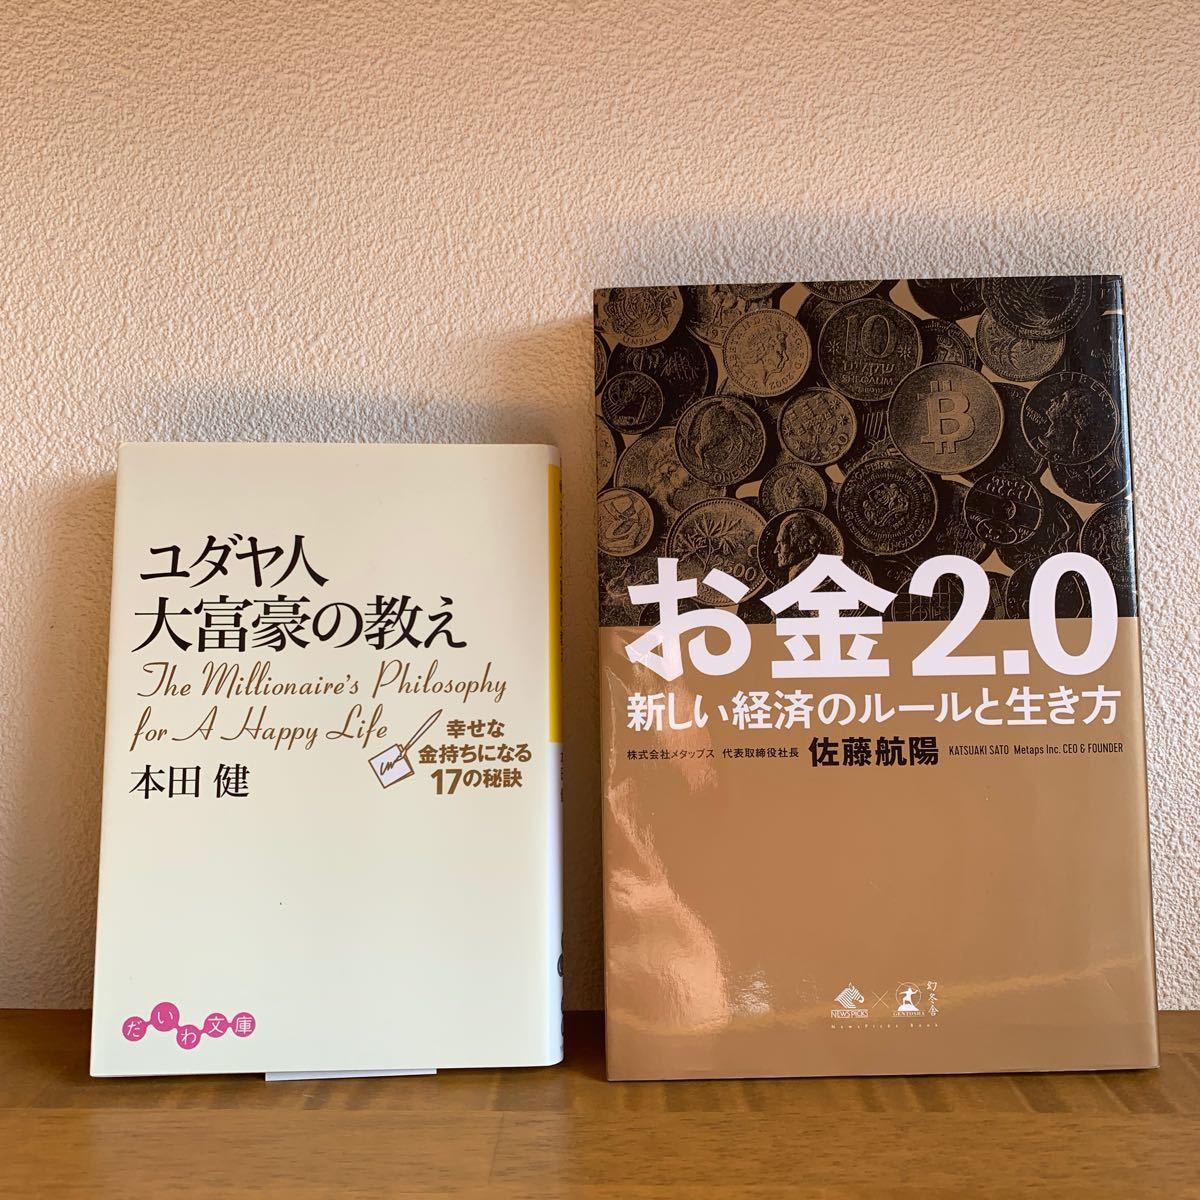 【年末SALE】お金2.0 新しい経済のルールと生き方、ユダヤ人 大富豪の教え お金の本セット